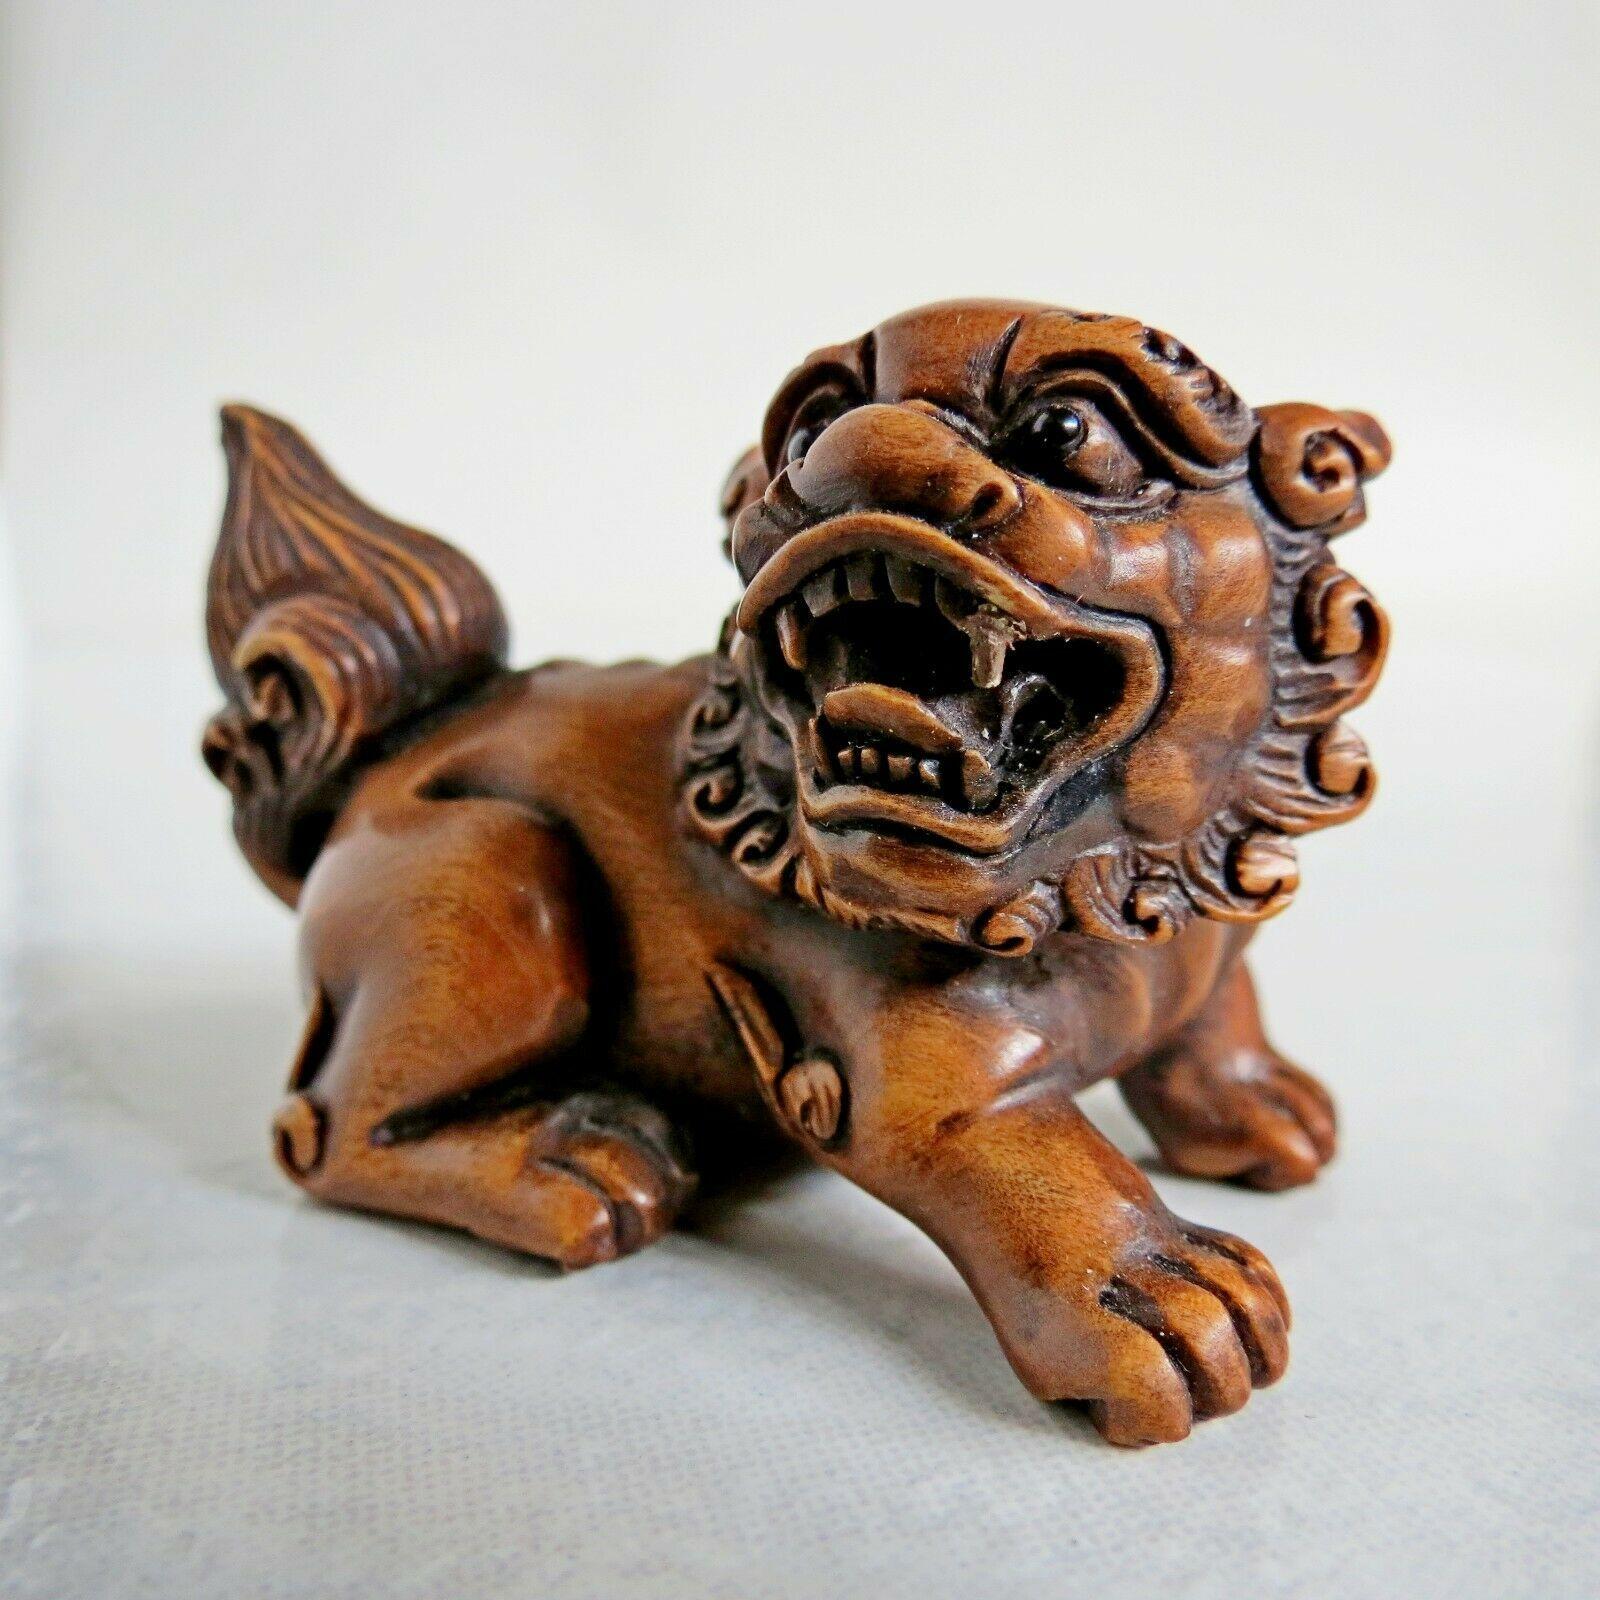 19th-20th century Japanese boxwood Netsuke Foo Dog Signed unknown onyx eye